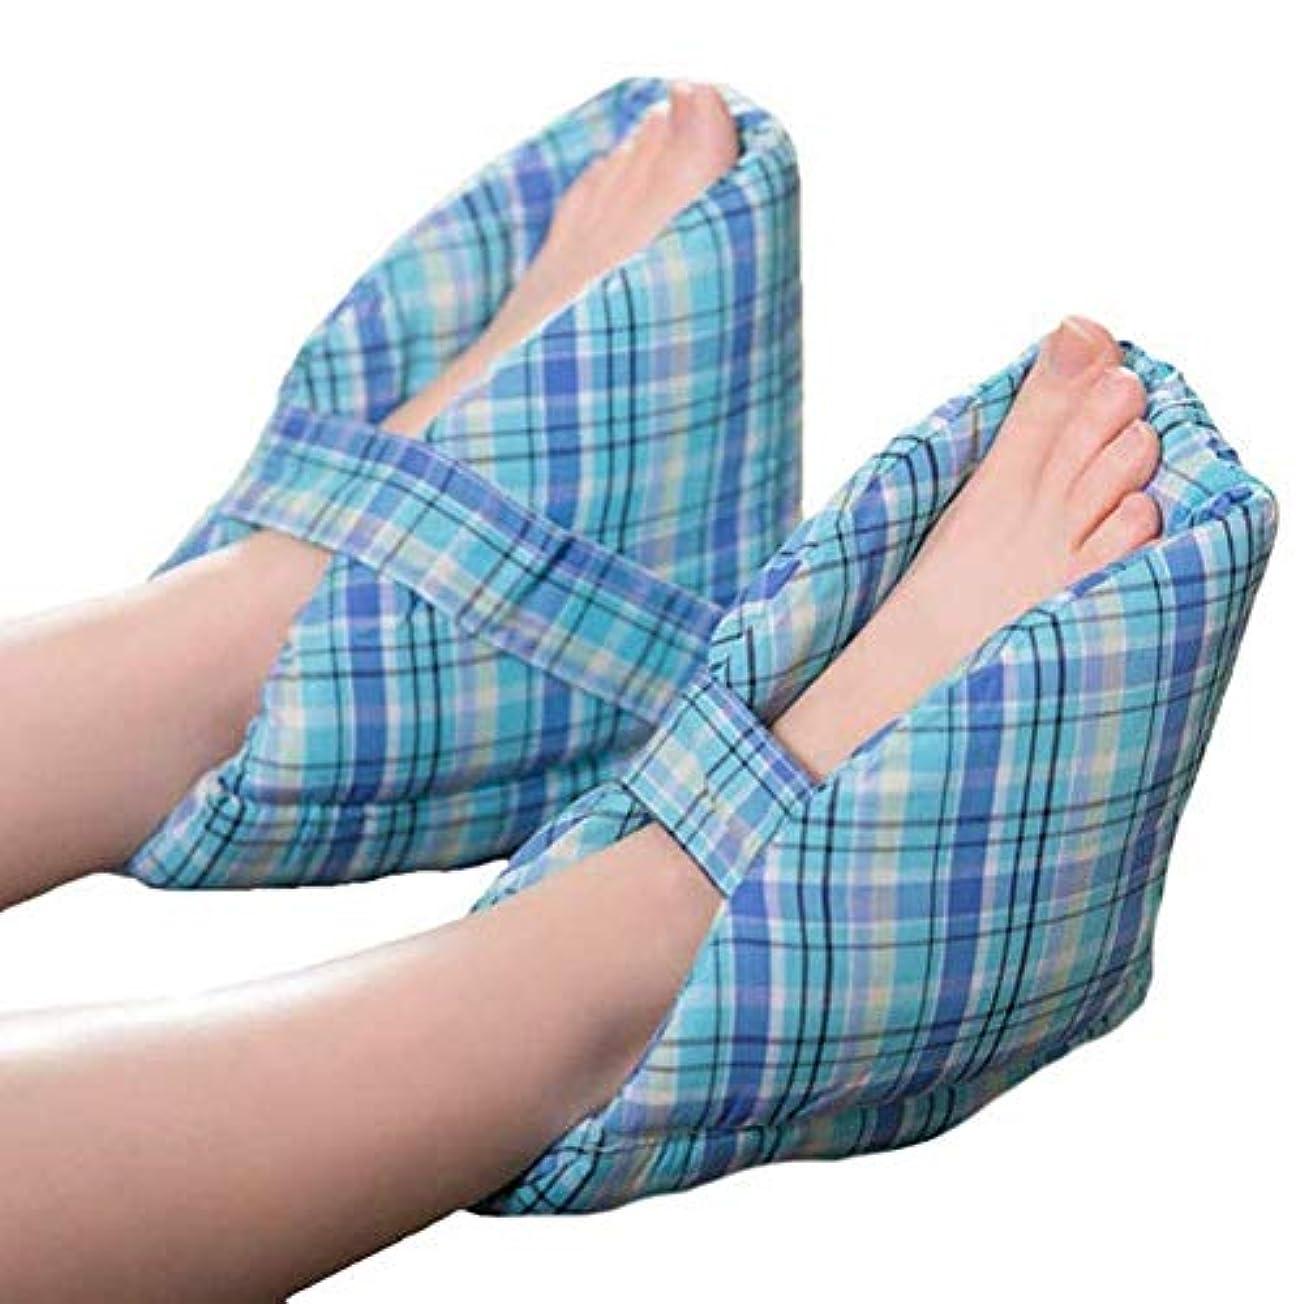 スワップ予約大胆かかとプロテクター柔らかく快適な履き心地により、足の枕、かかとのクッション、かかとの保護、1ペアが見つかります